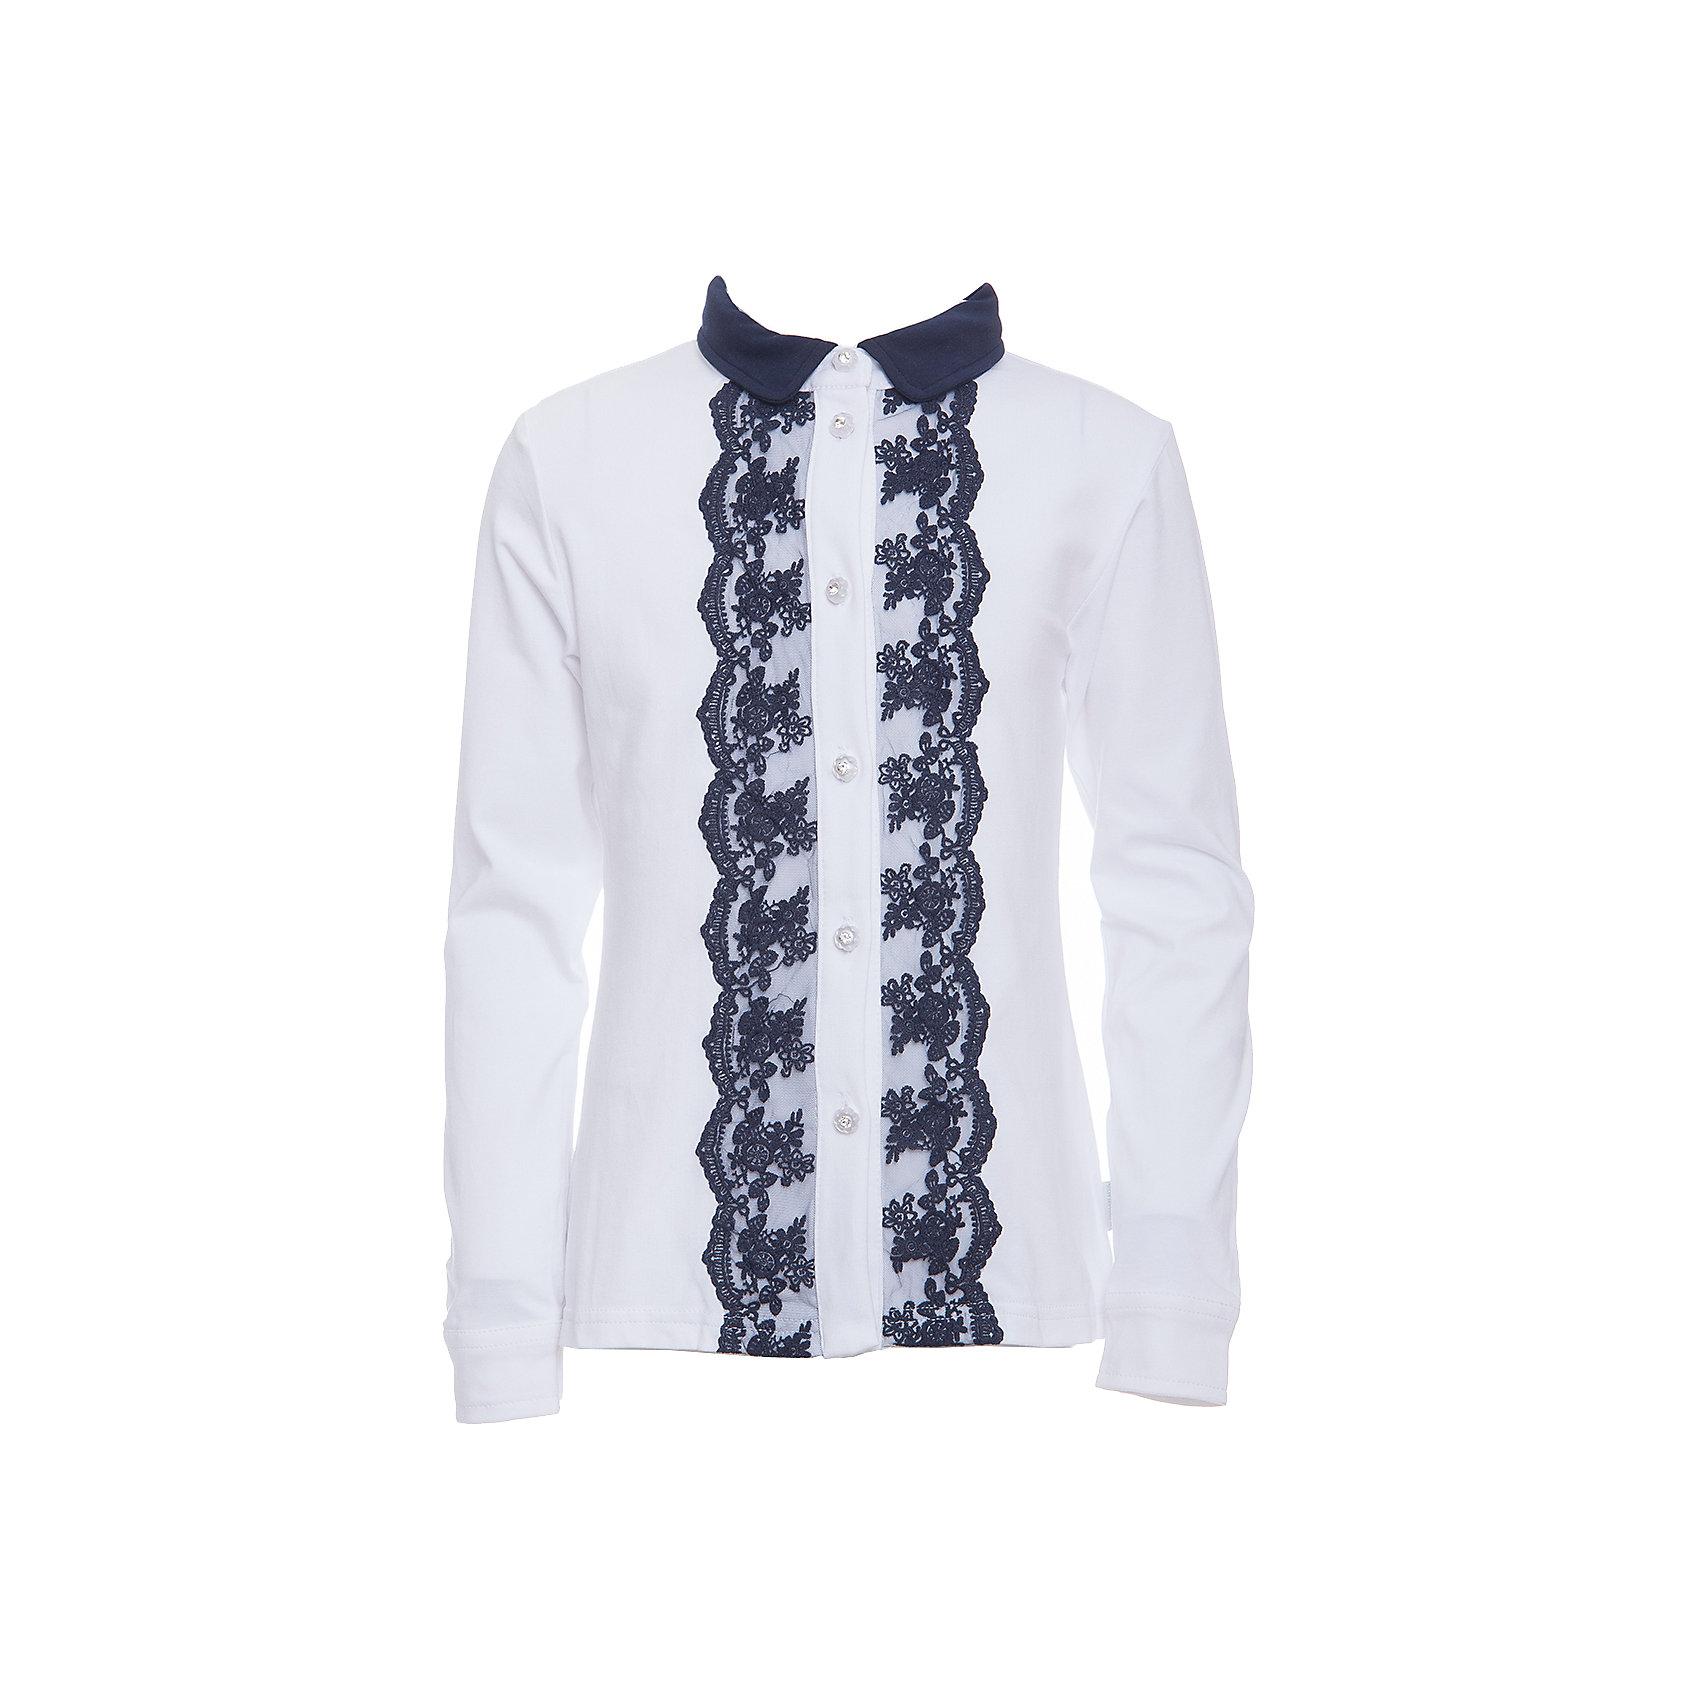 Блузка для девочки LuminosoБлузки и рубашки<br>Характеристики товара:<br><br>• цвет: белый;<br>• состав: 95% хлопок, 5% эластан;<br>• сезон: демисезон;<br>• особенности: школьная, с кружевом;<br>• застежка: пуговицы;<br>• с длинным рукавом;<br>• спереди декорирована кружевом; <br>• манжеты рукавов на пуговице;<br>• страна бренда: Россия;<br>• страна производства: Китай.<br><br>Школьная блузка с длинным рукавом для девочки. Белая трикотажная блузка застегивается на пуговицы, манжеты рукавов на двух пуговицах. Блузка декорирована кружевом контрастного синего цвета.<br><br>Блузка для девочки Luminoso (Люминосо) можно купить в нашем интернет-магазине.<br><br>Ширина мм: 186<br>Глубина мм: 87<br>Высота мм: 198<br>Вес г: 197<br>Цвет: белый<br>Возраст от месяцев: 156<br>Возраст до месяцев: 168<br>Пол: Женский<br>Возраст: Детский<br>Размер: 164,122,128,134,140,146,152,158<br>SKU: 6673031